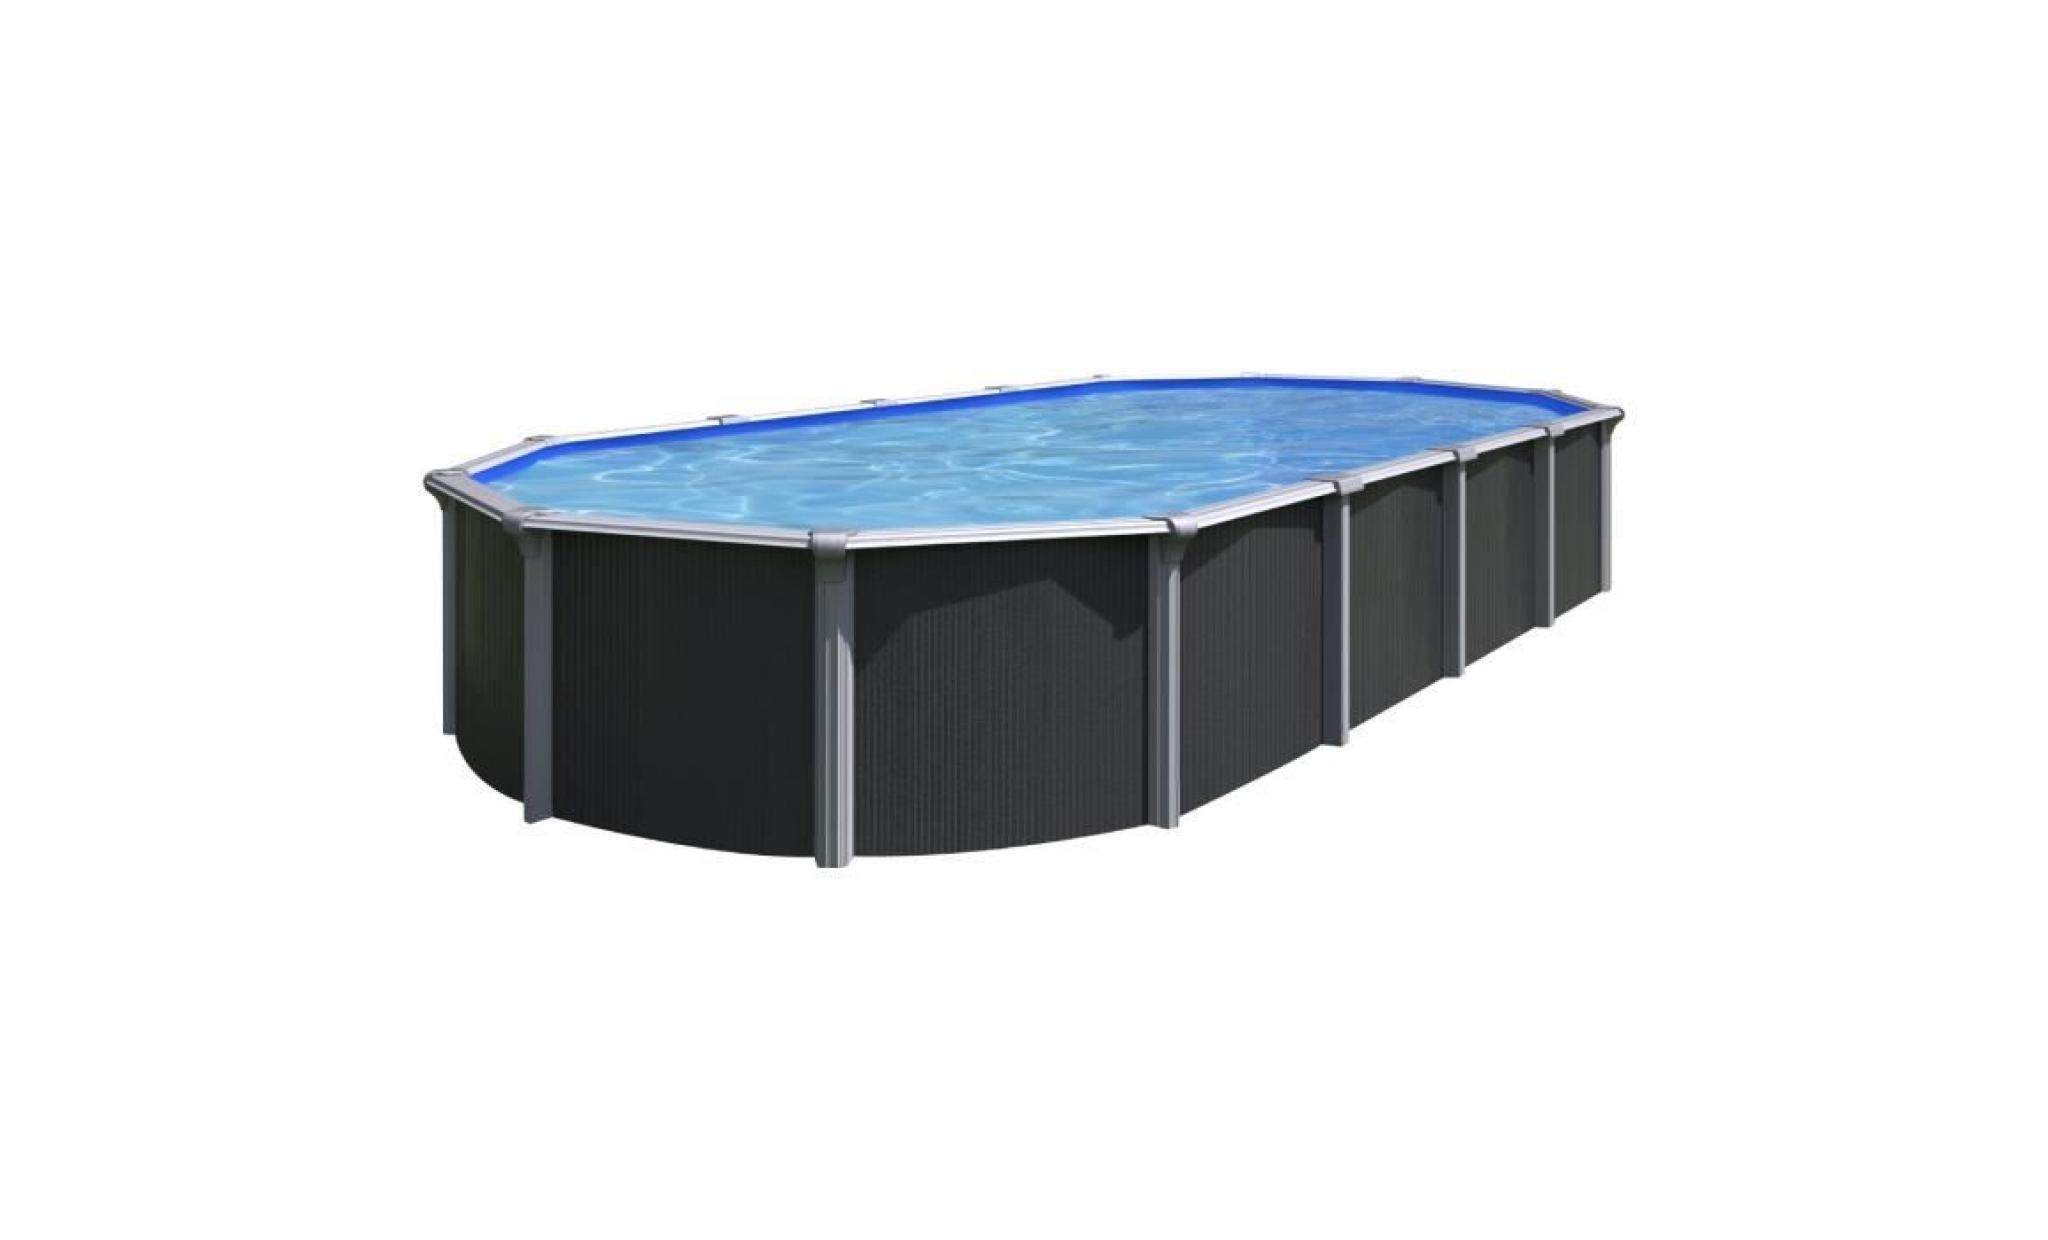 trigano piscine métal hors sol osmose 9,9 x 9,99 x 9,92 m gris anthracite